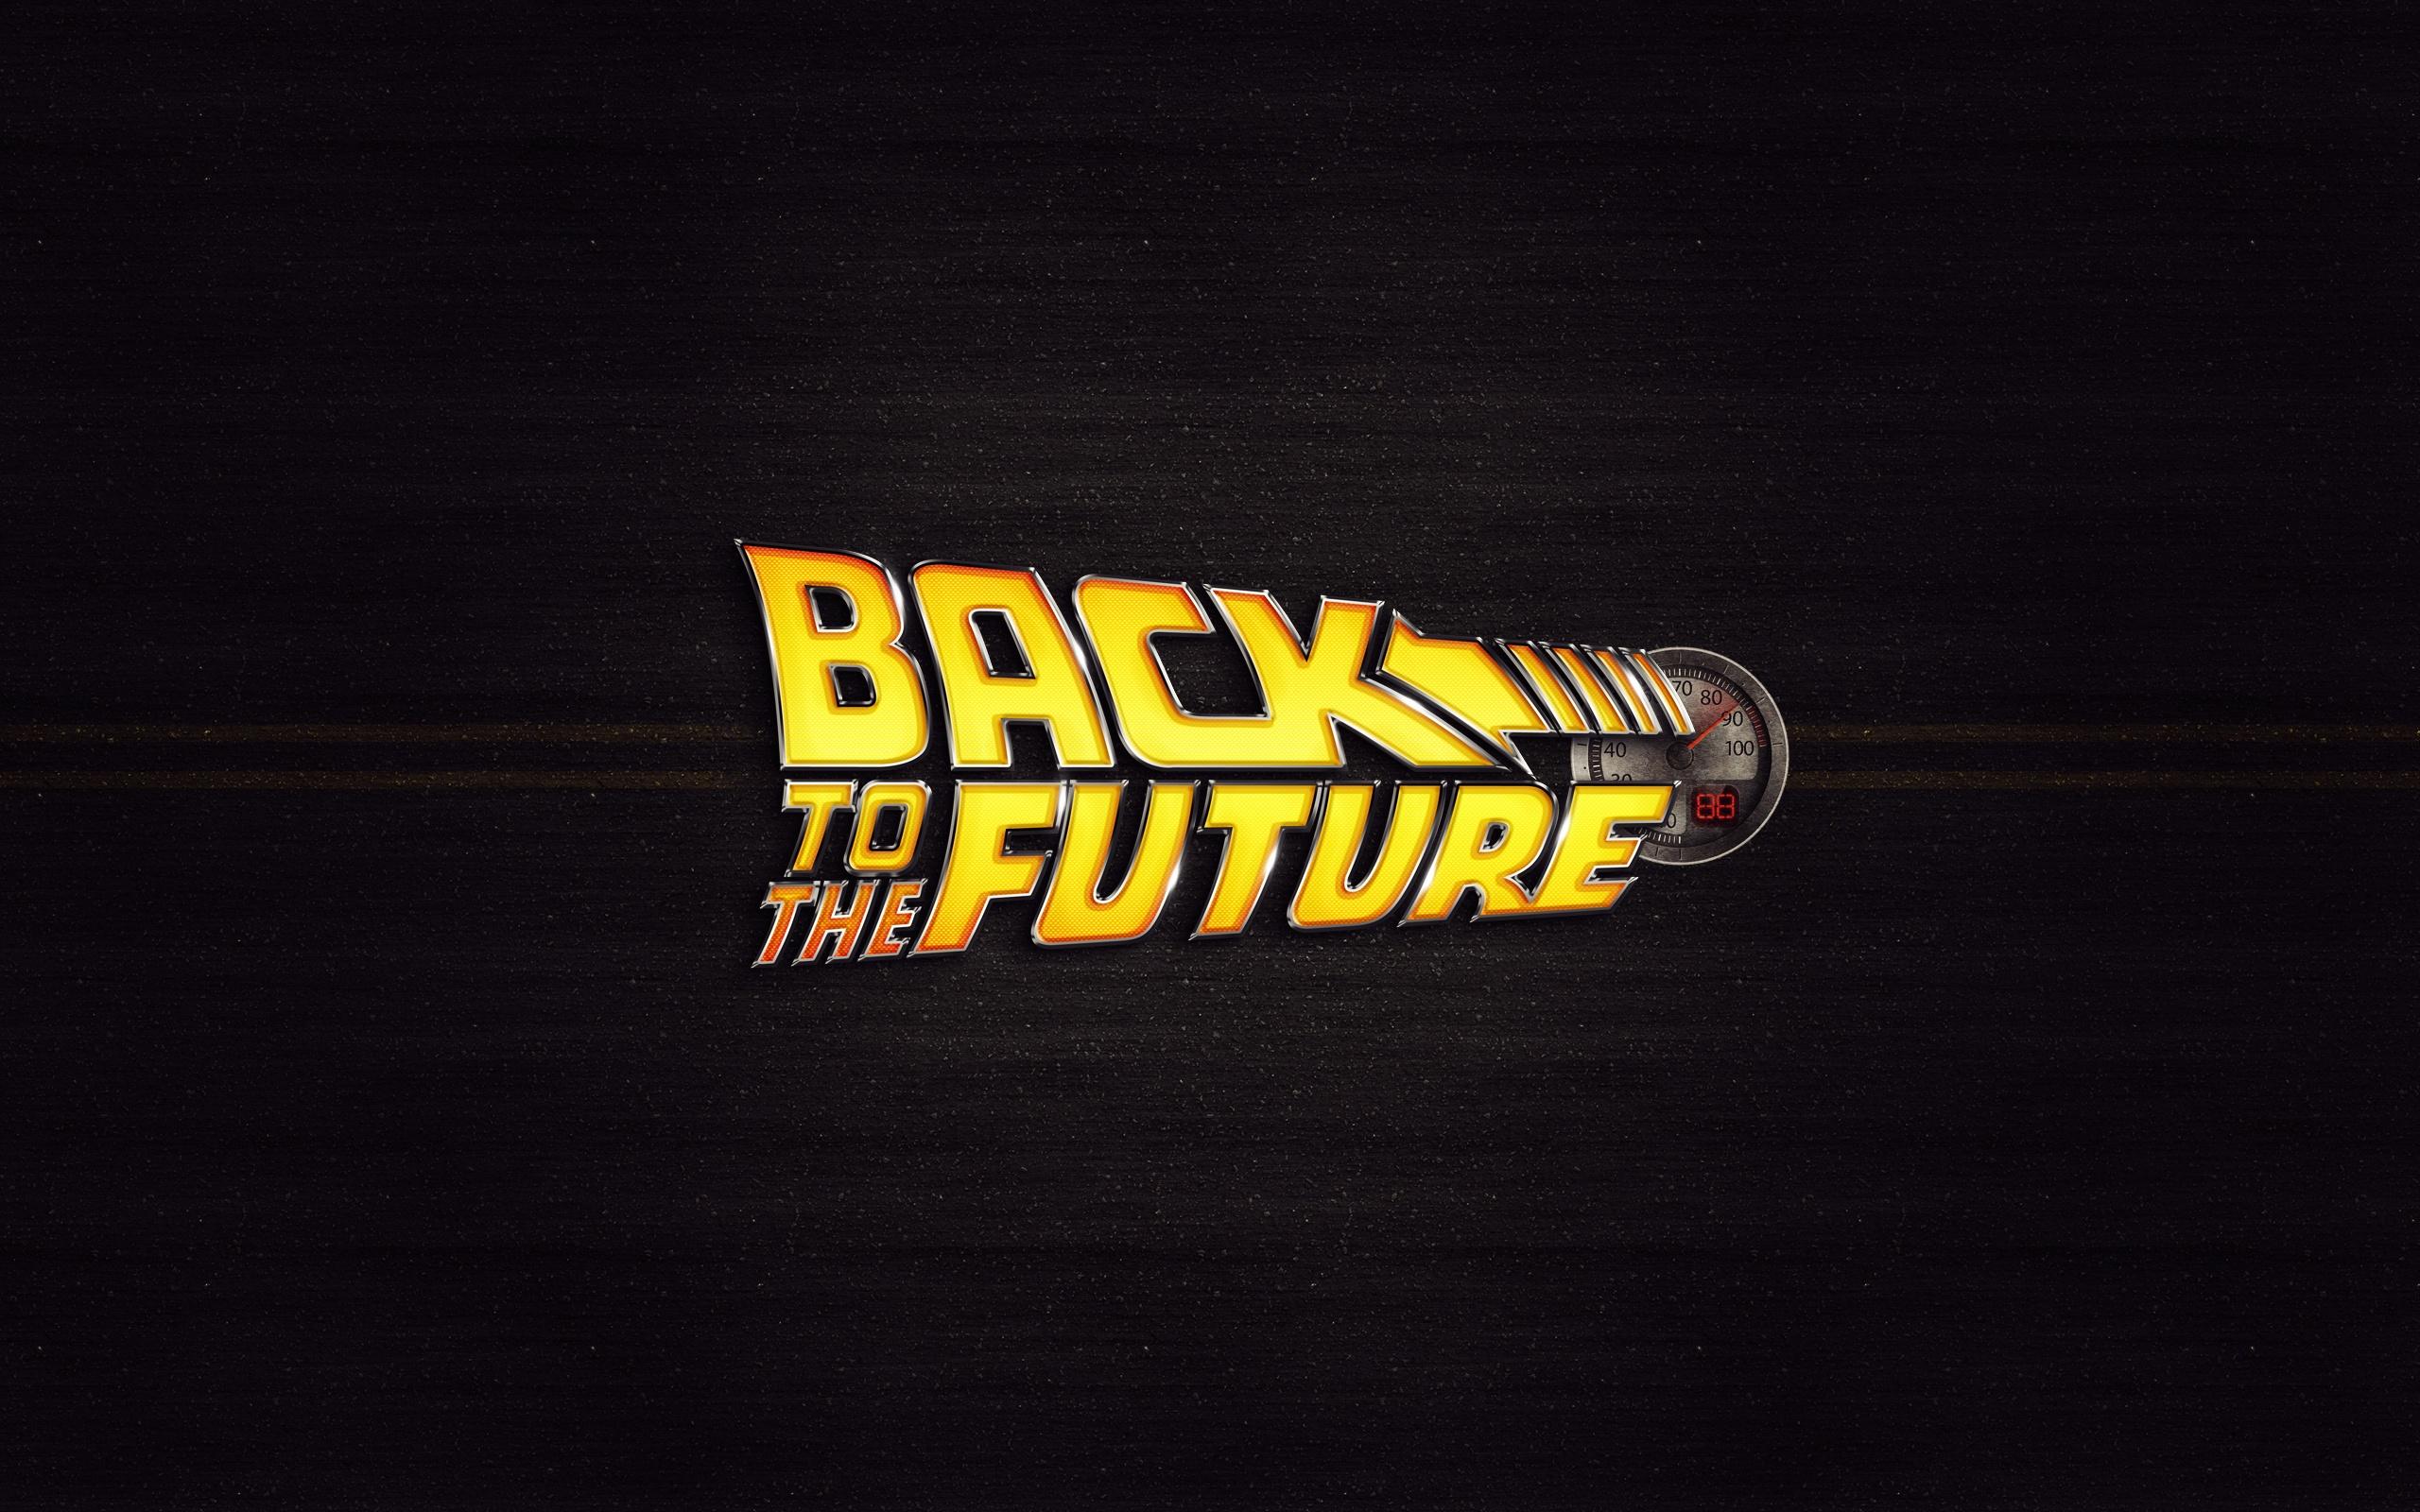 назад в будущее, заставка, фон